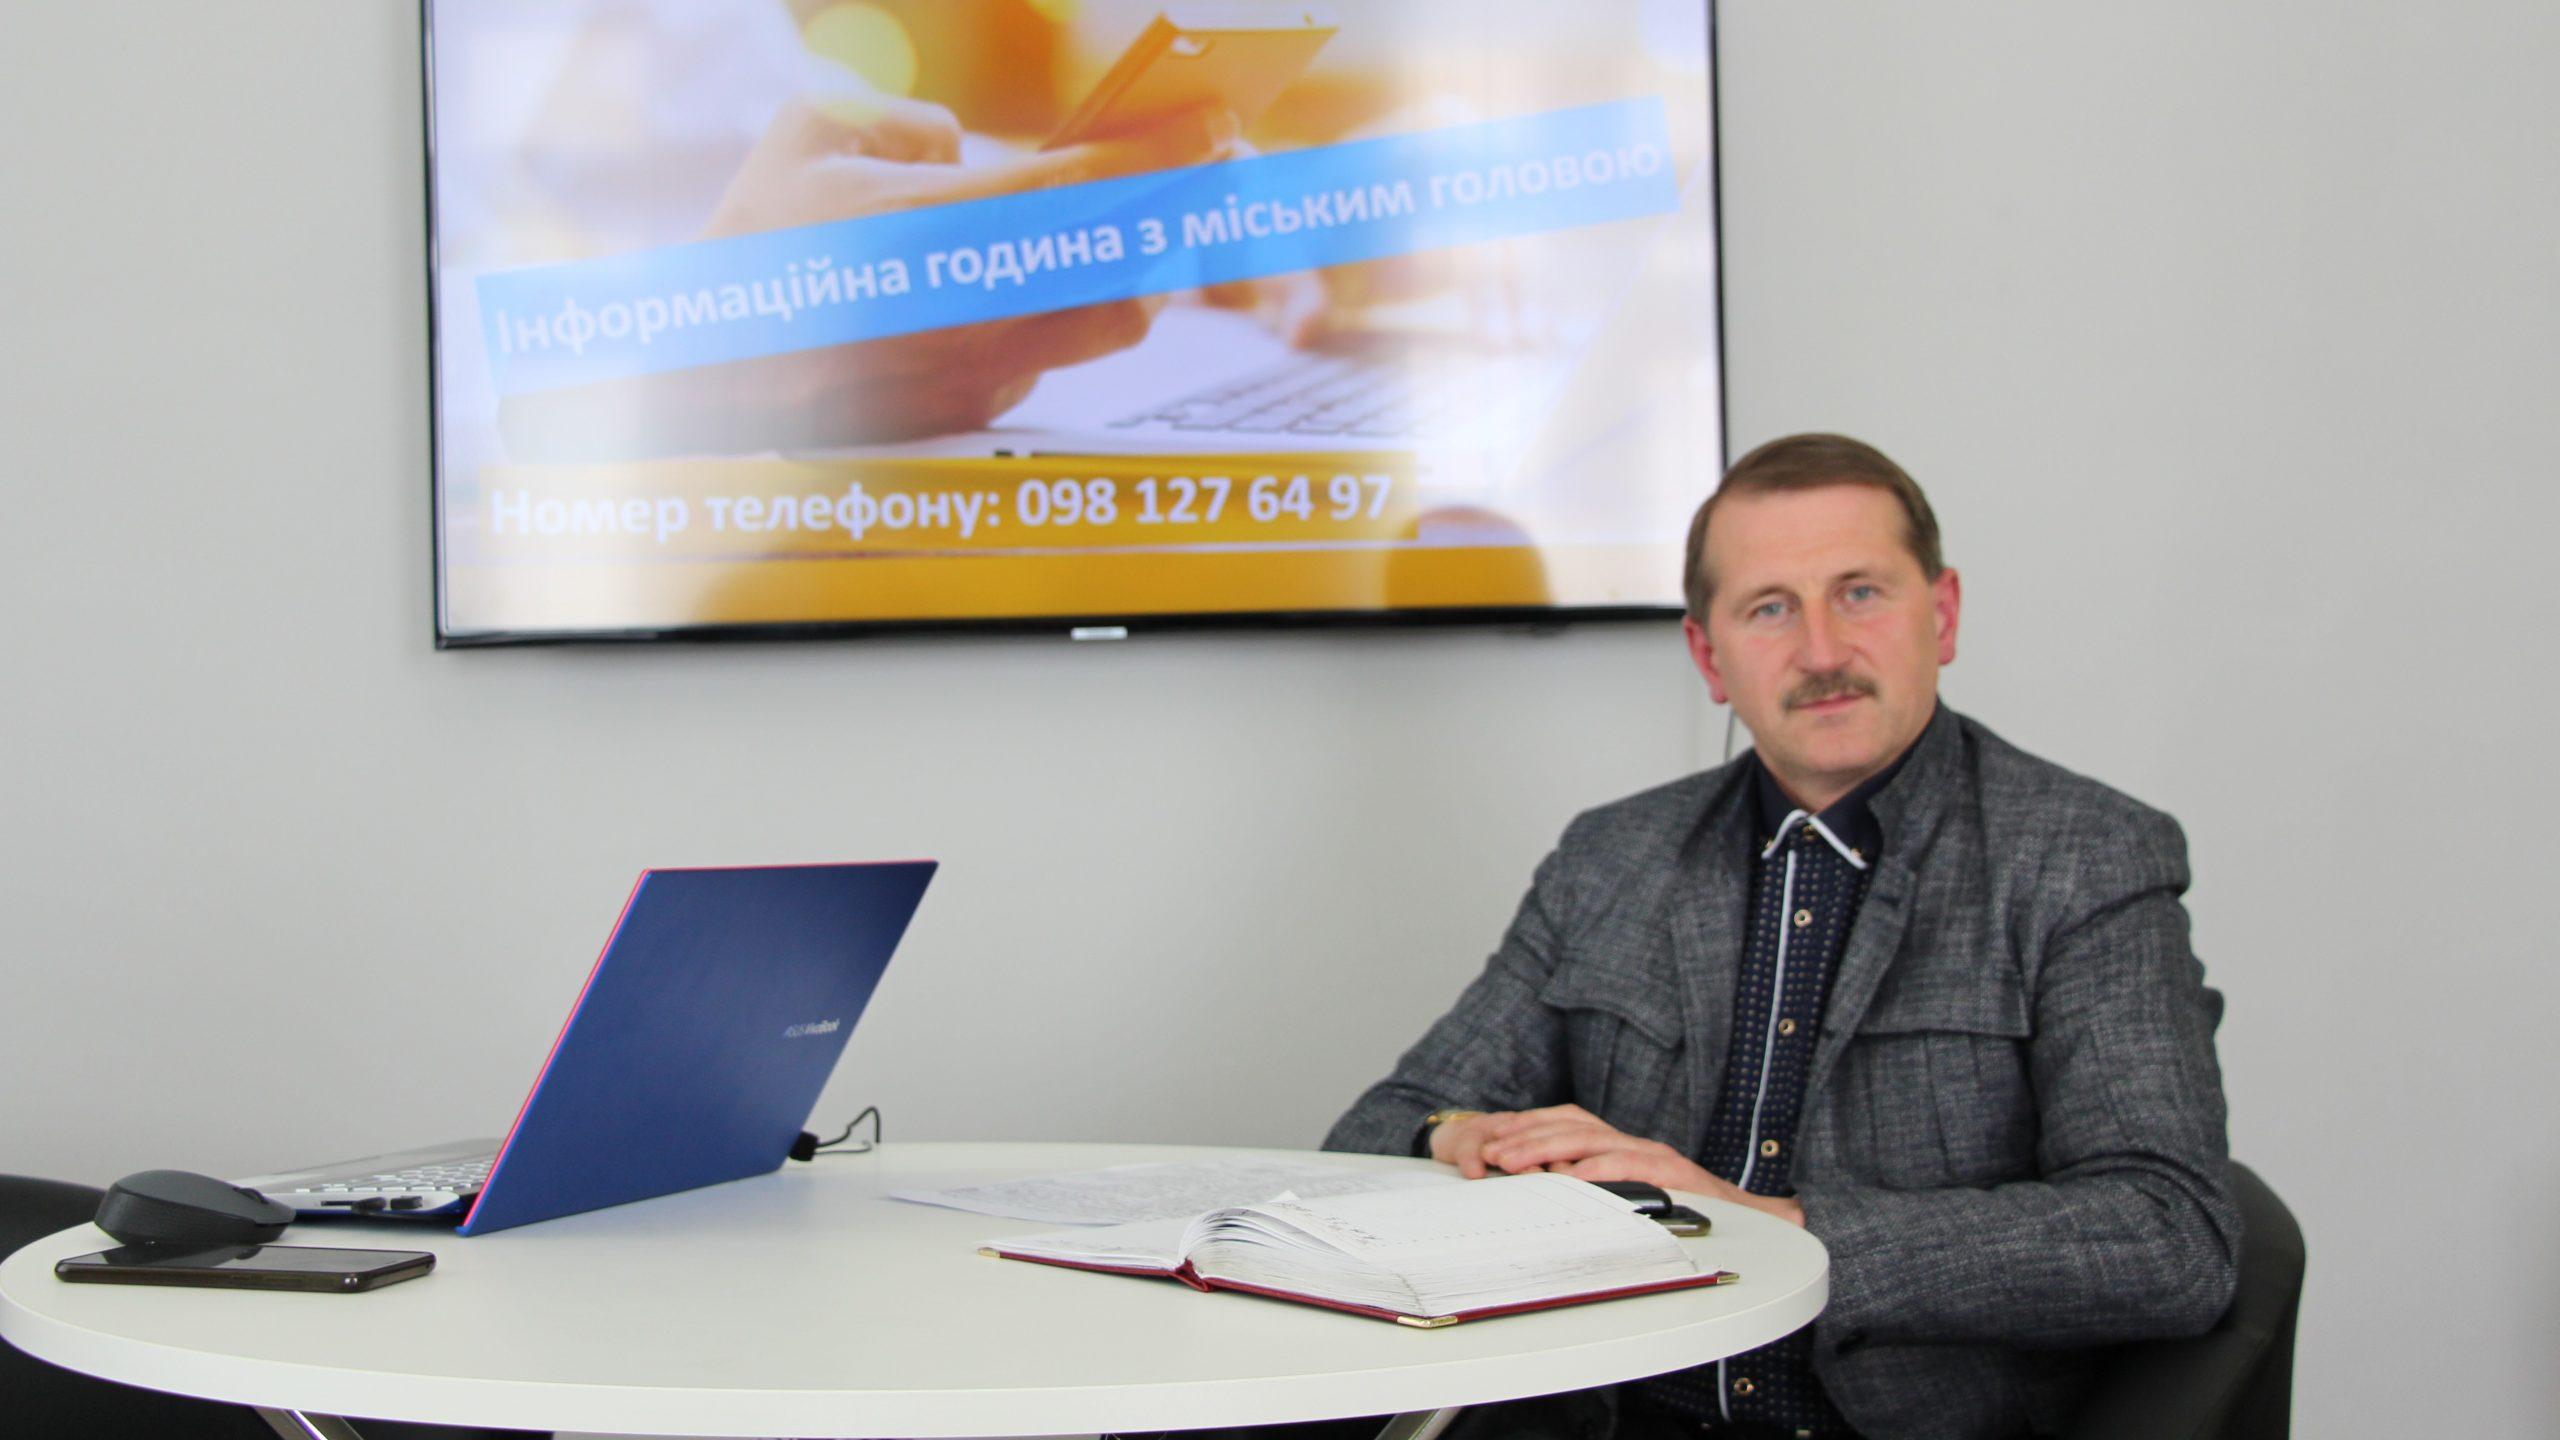 КМЦ «Дрогобич:»: Інформаційна година з міським головою Тарасом Кучмою. ВІДЕО